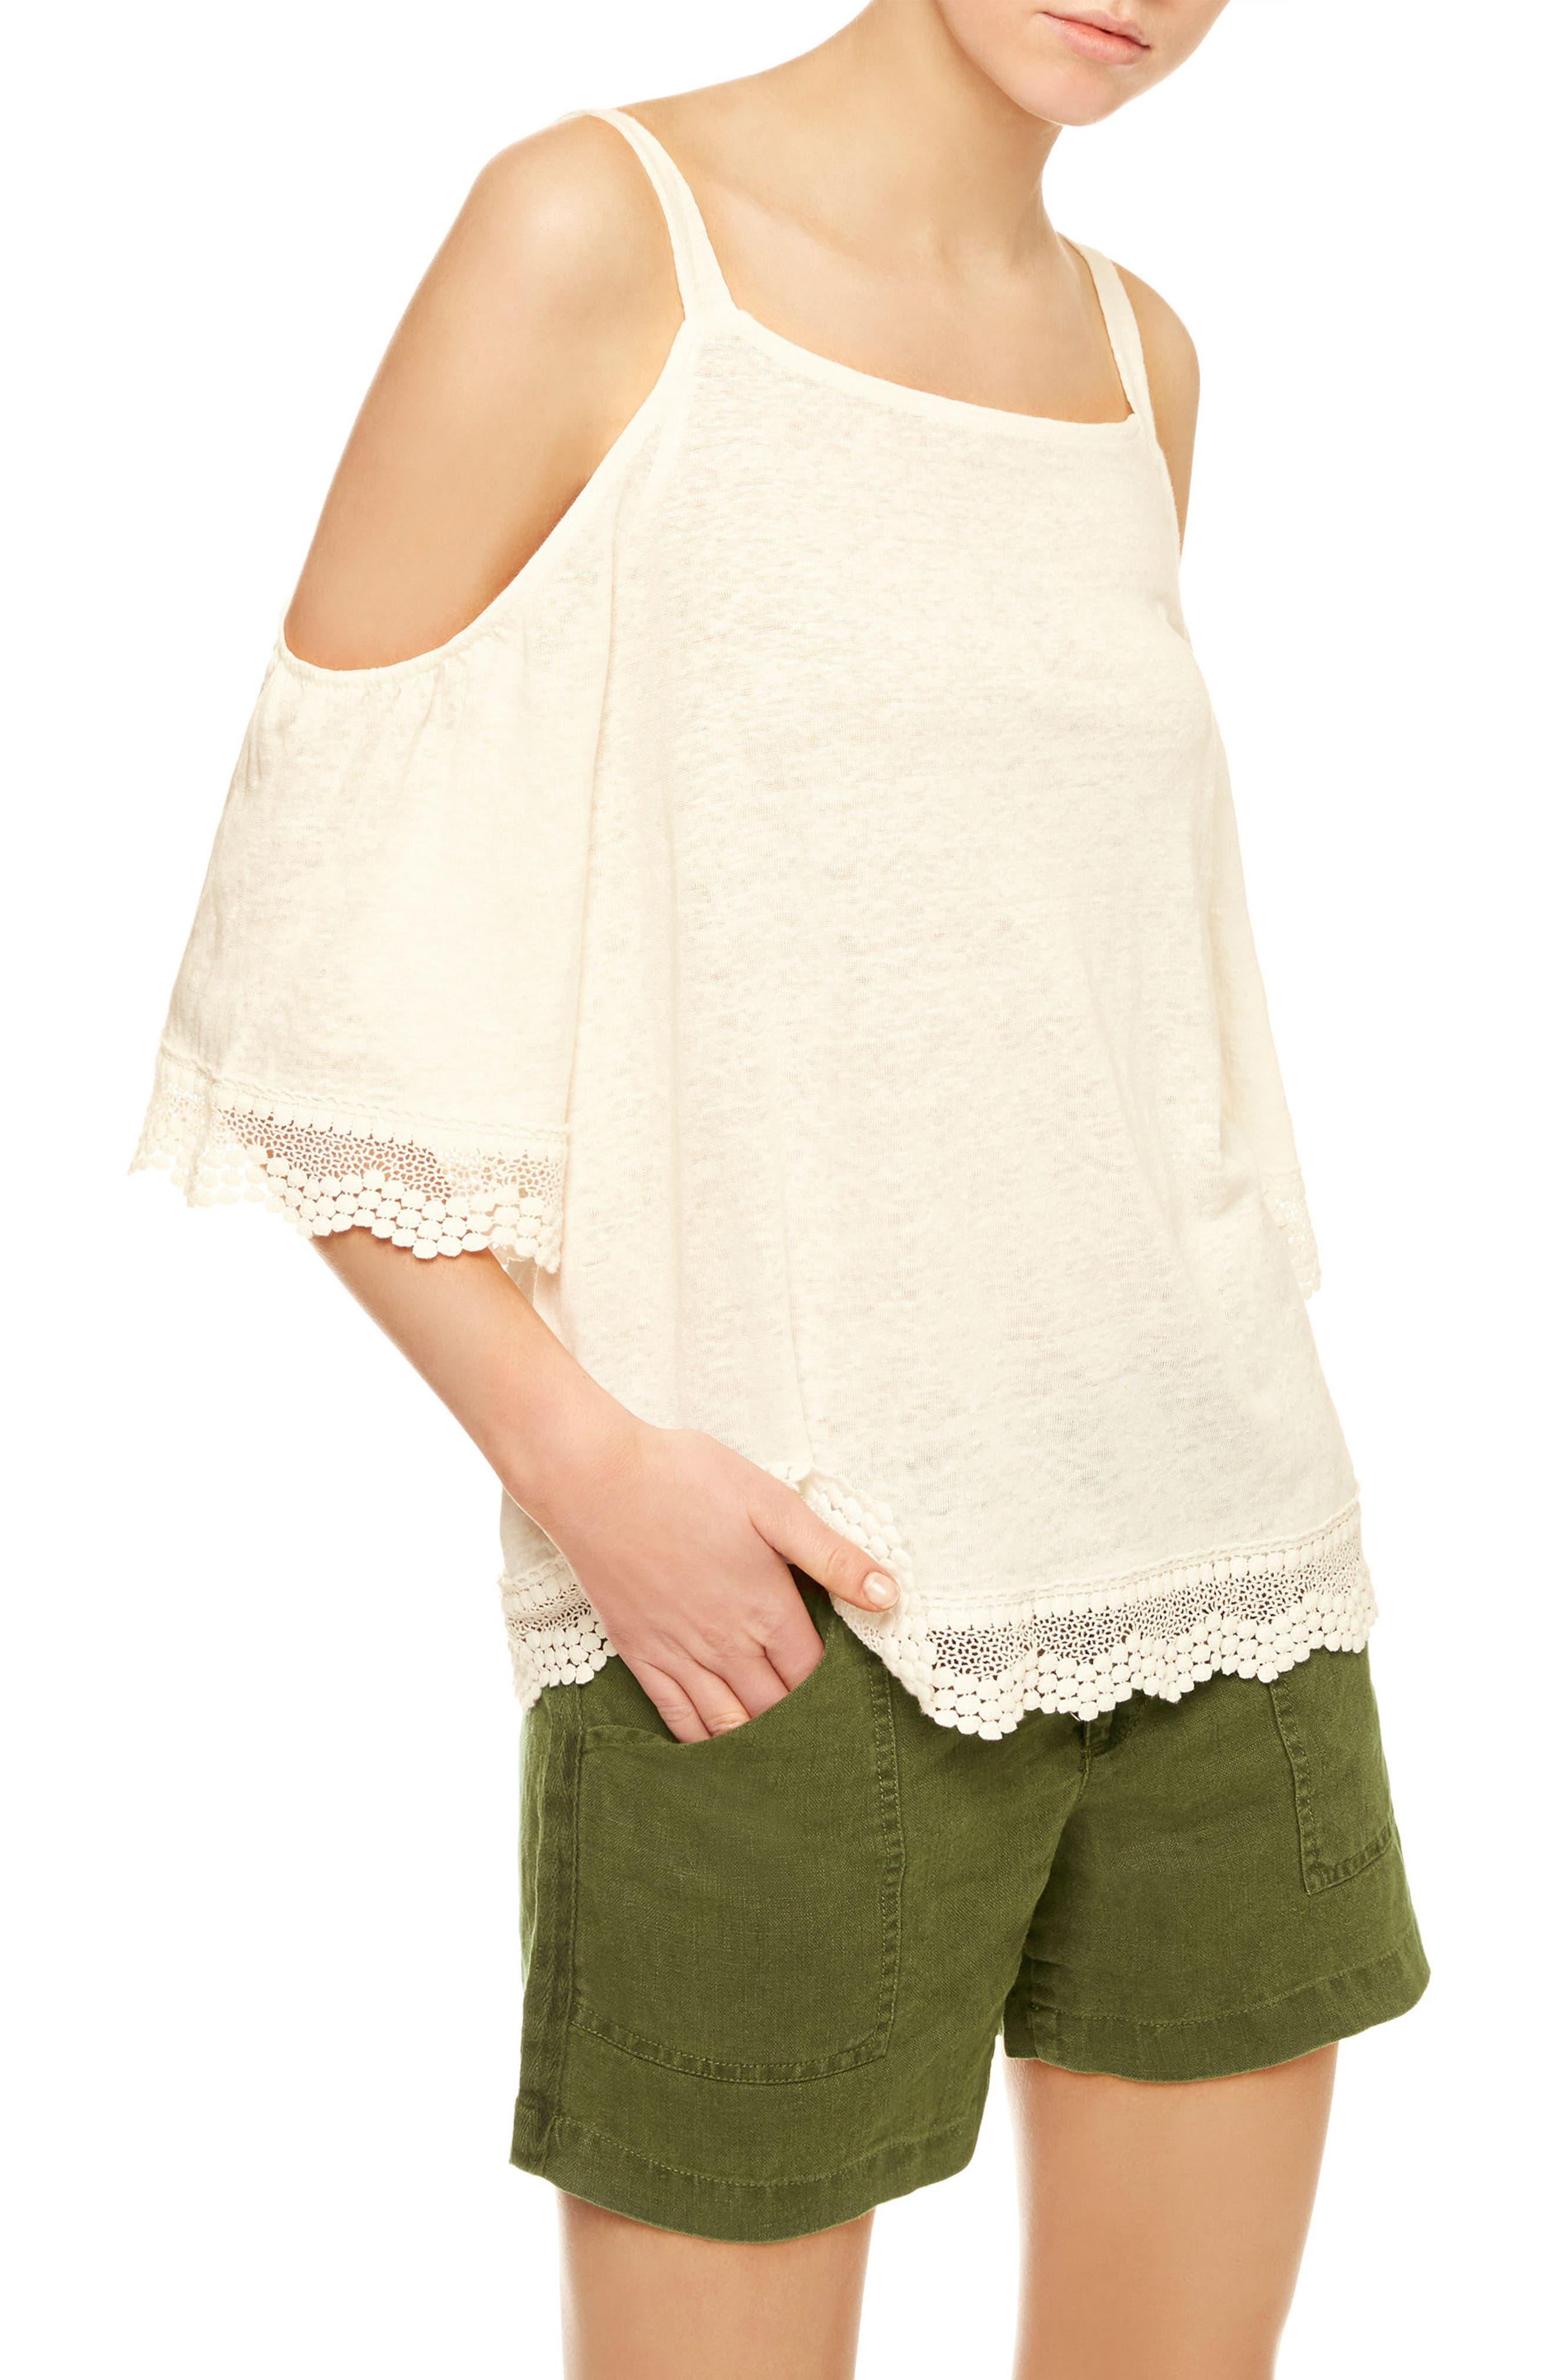 Main Image - Sanctuary Harmony Lace Trim Linen Knit Top